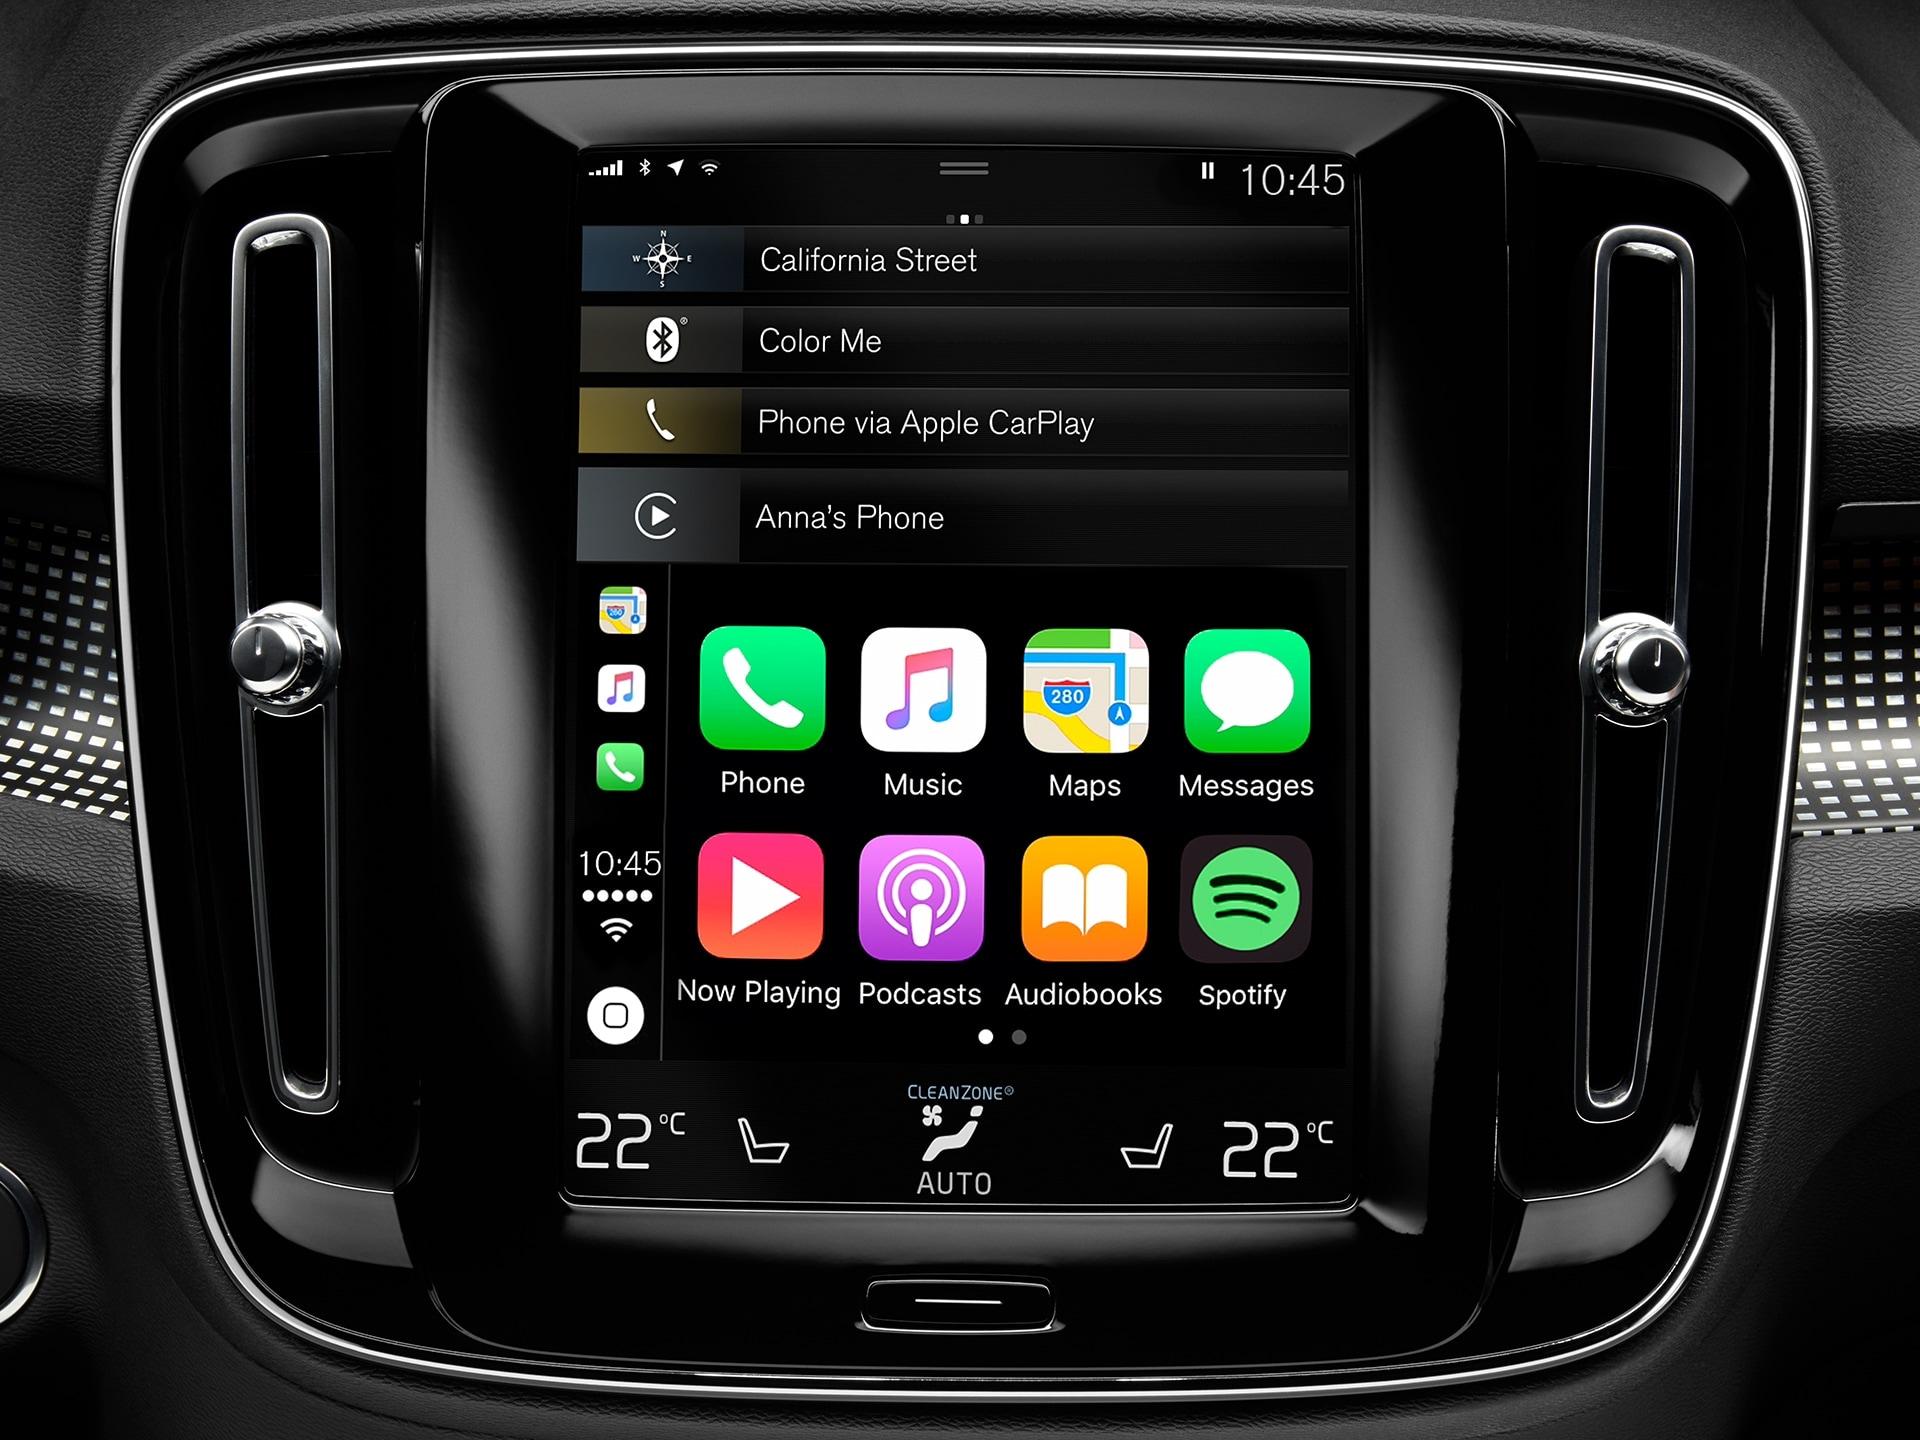 Un acercamiento al sistema de conectividad que muestra las aplicaciones y la información del auto